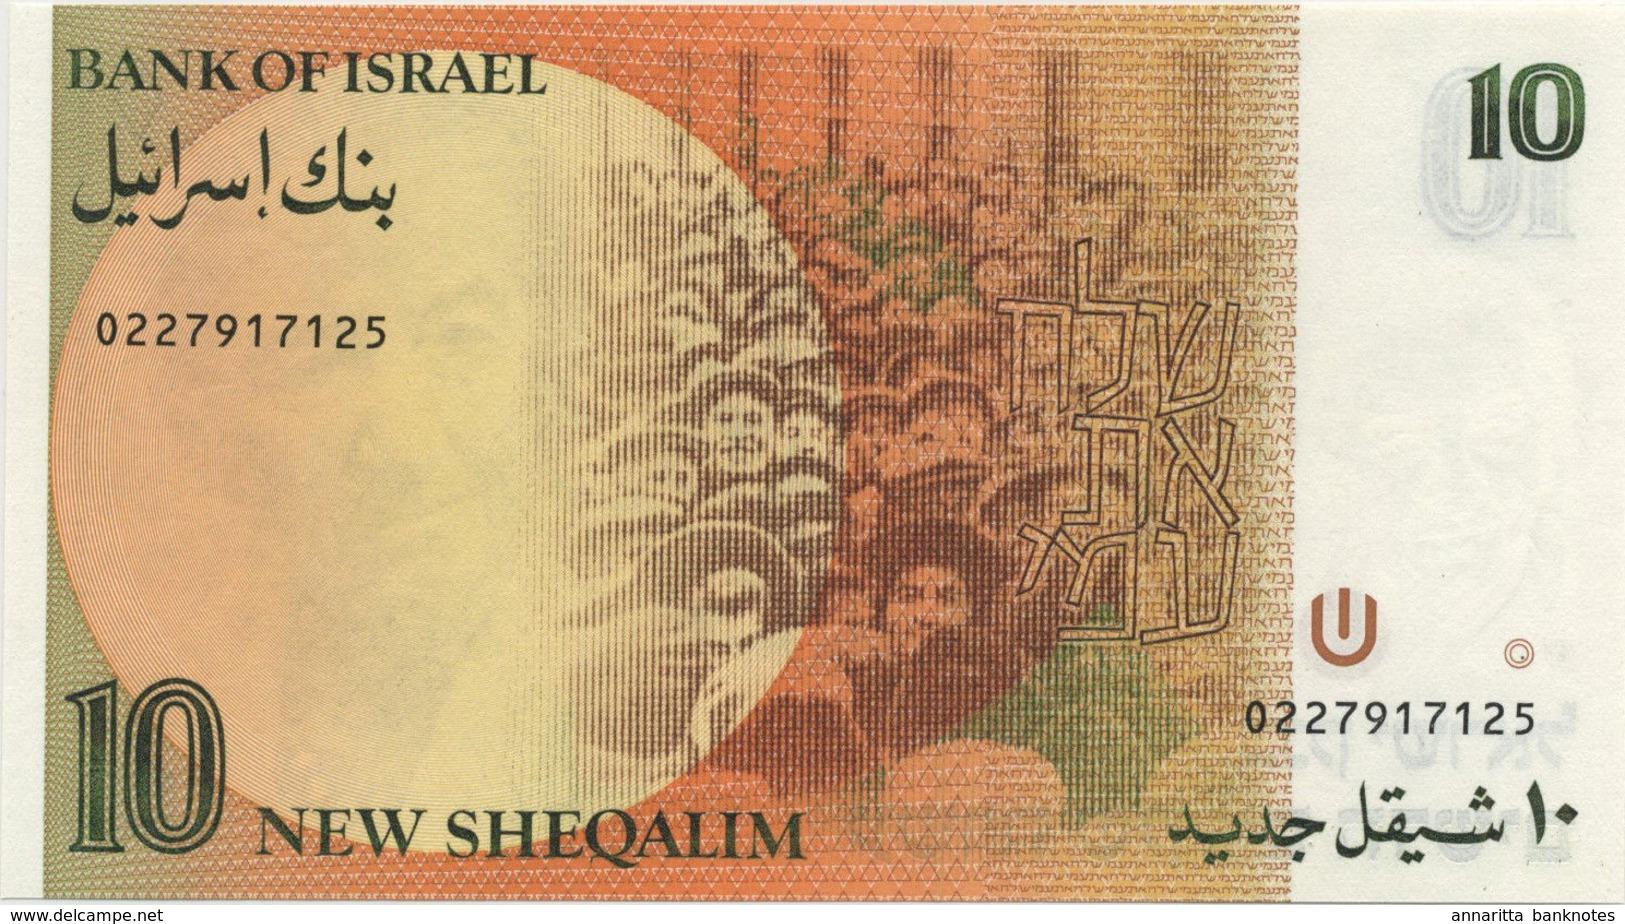 ISRAEL 10 NEW SHEQALIM 1987 P-53b UNC [IL431b] - Israël